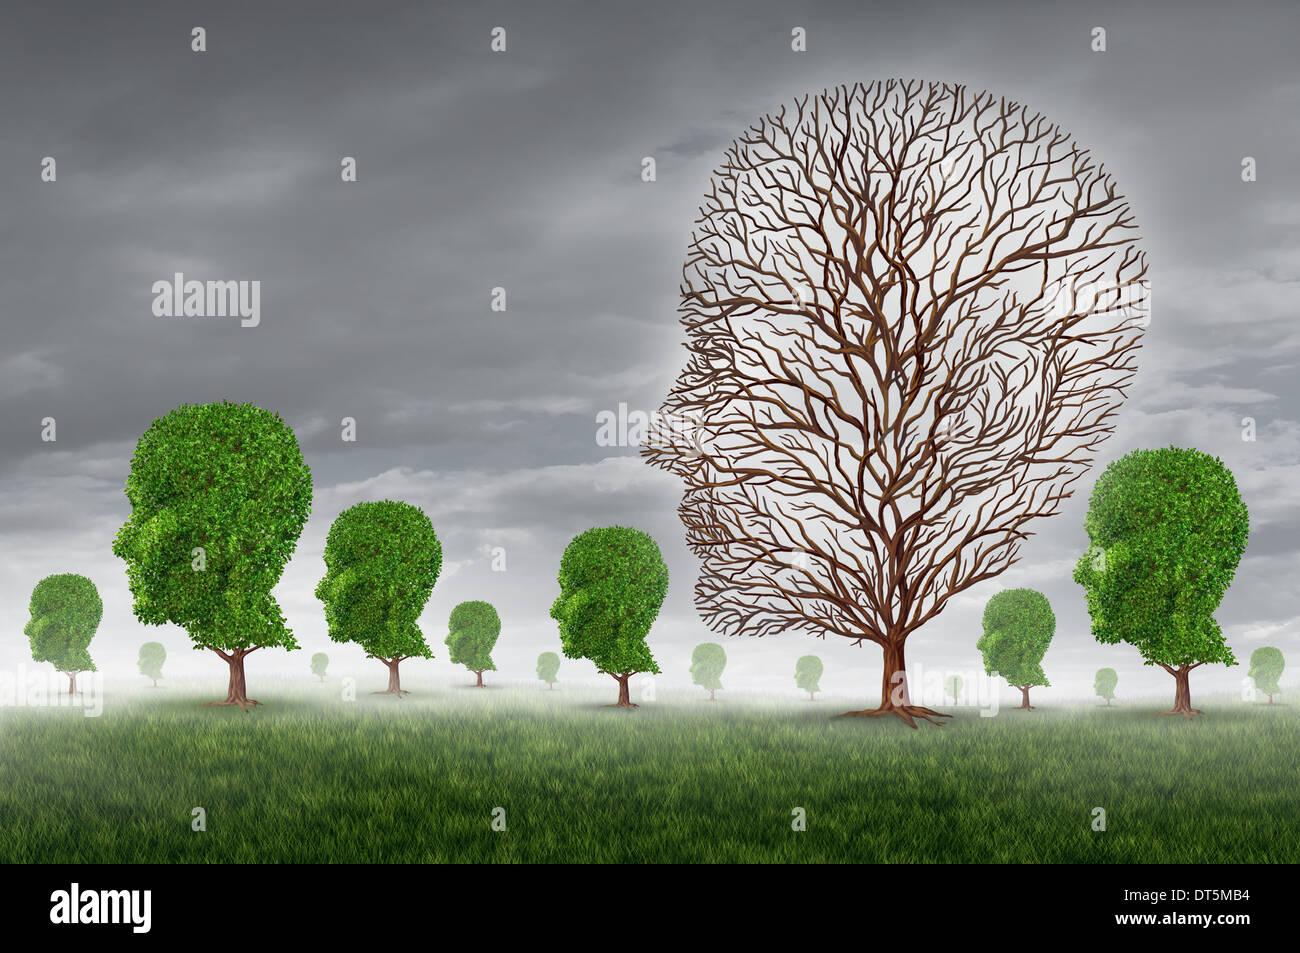 La muerte y el duelo humano como la pérdida de un ser querido concepto con un grupo de árboles con la Imagen De Stock